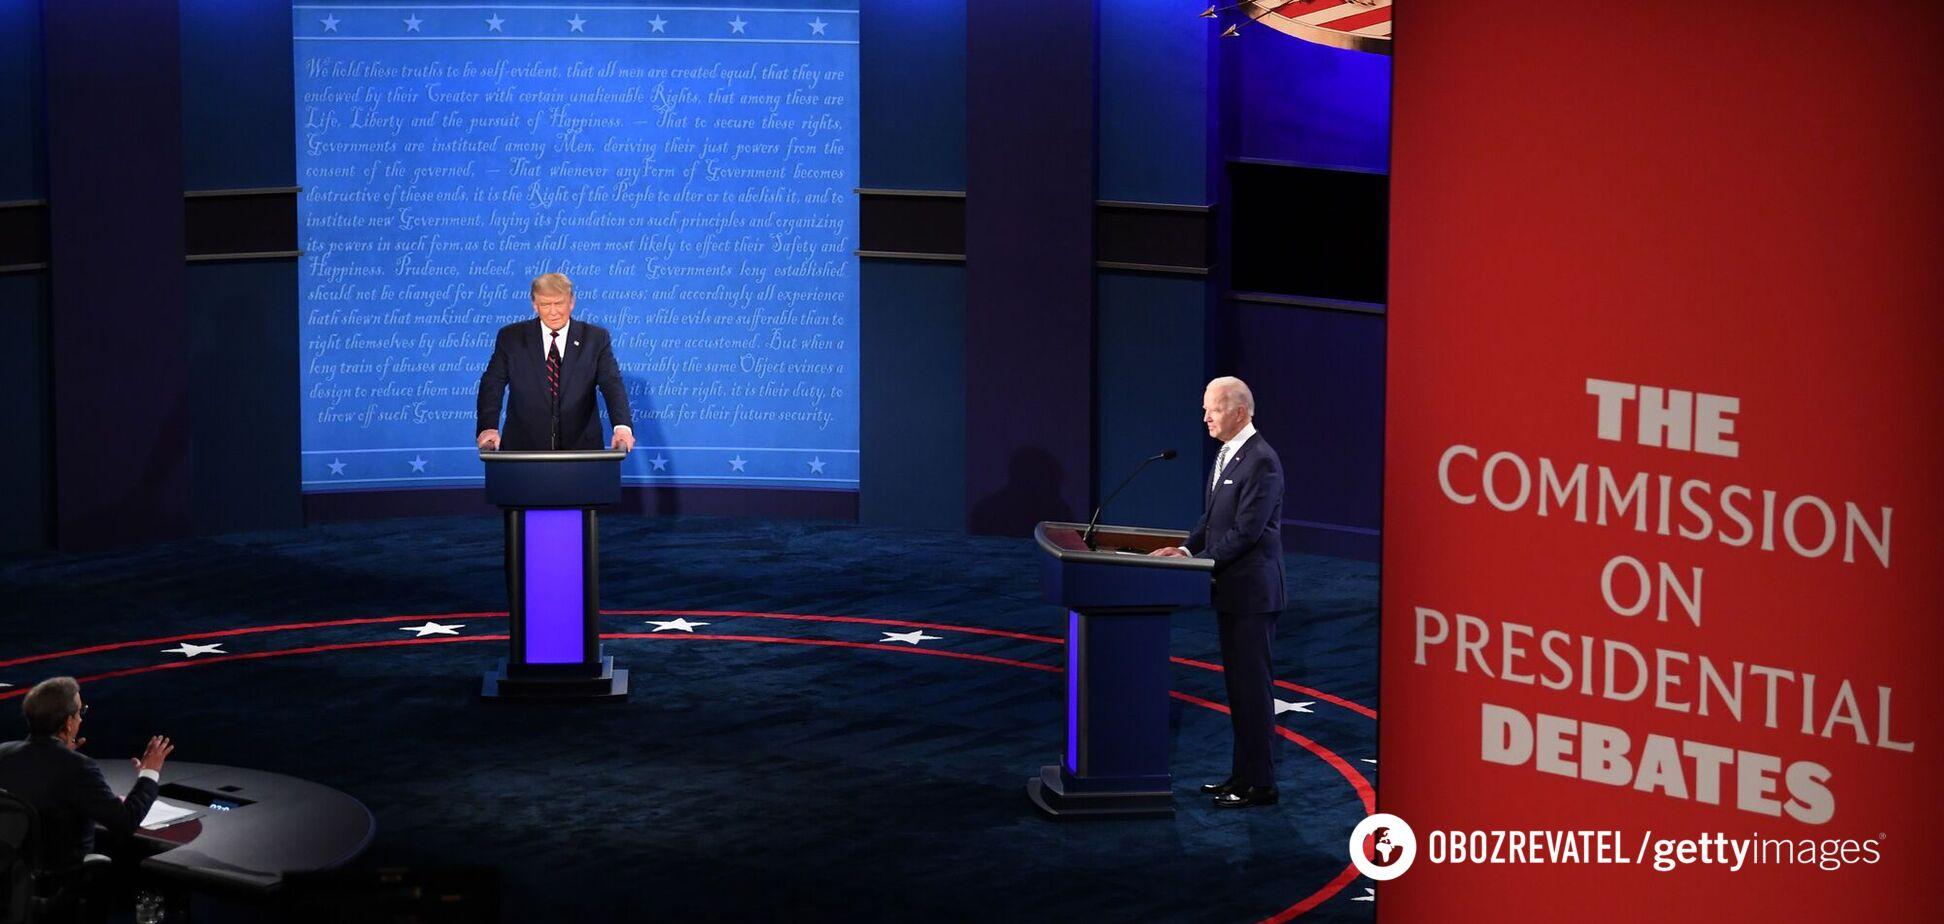 У США скасували призначені на 15 жовтня дебати Трампа і Байдена